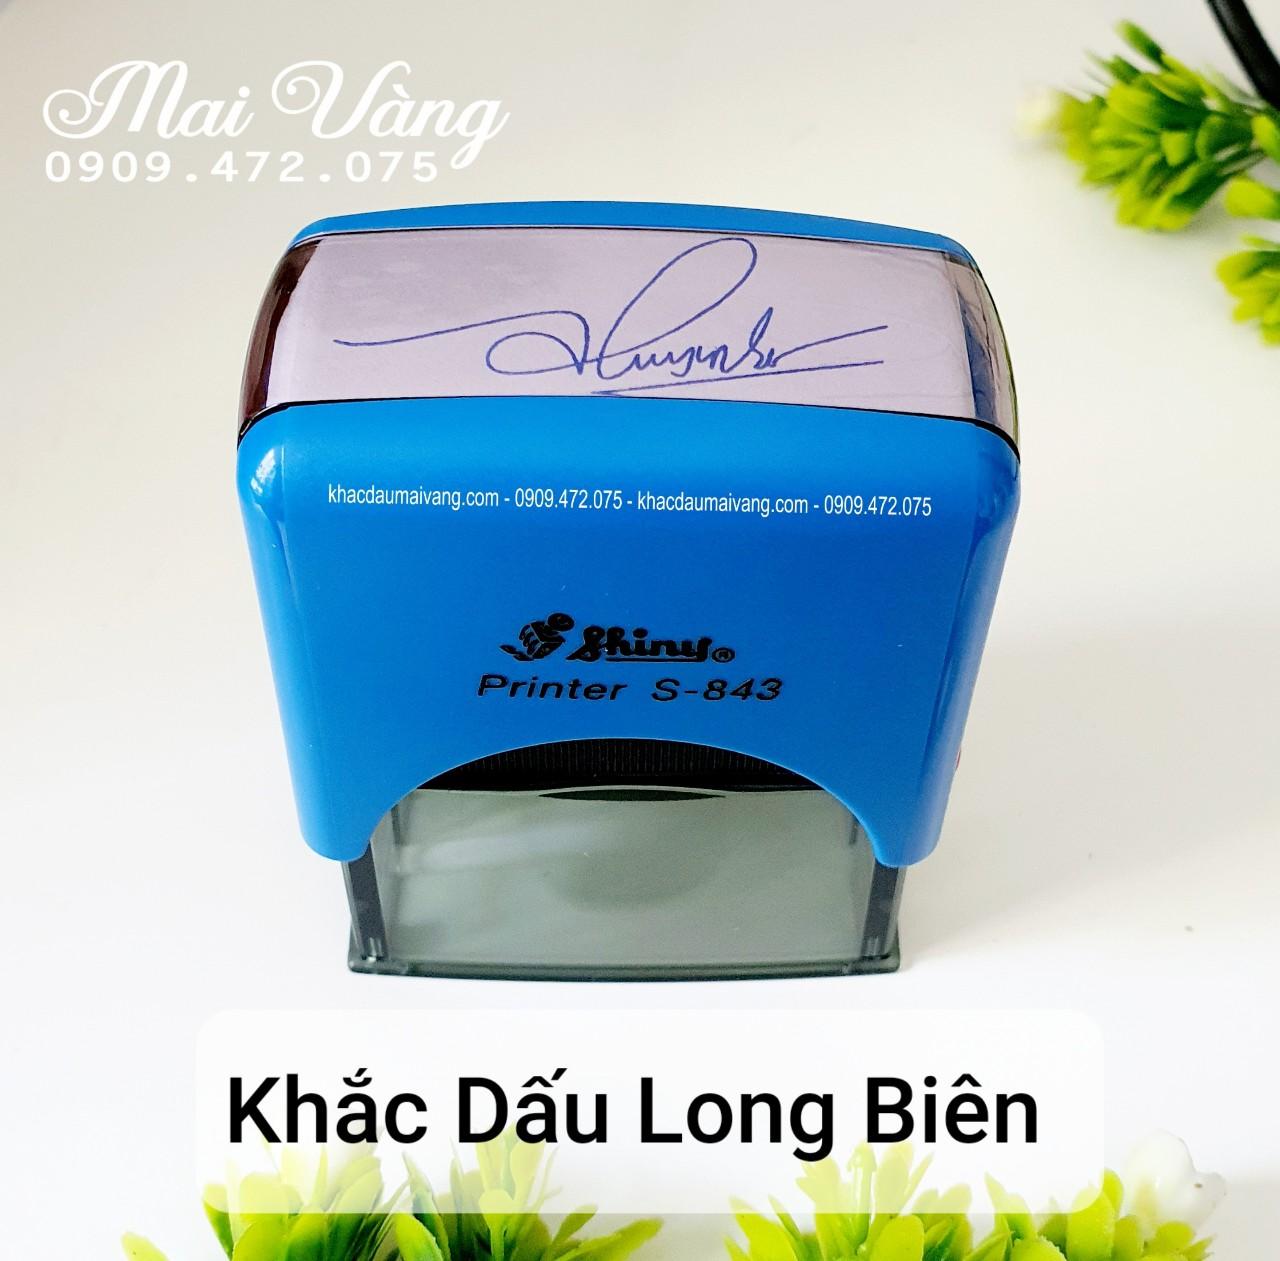 Hiện nay với các cửa hàng Khắc Dấu Tại Long Biên Hà Nội lun là dịch vụ làm con dấu uy tín giá rẻ.